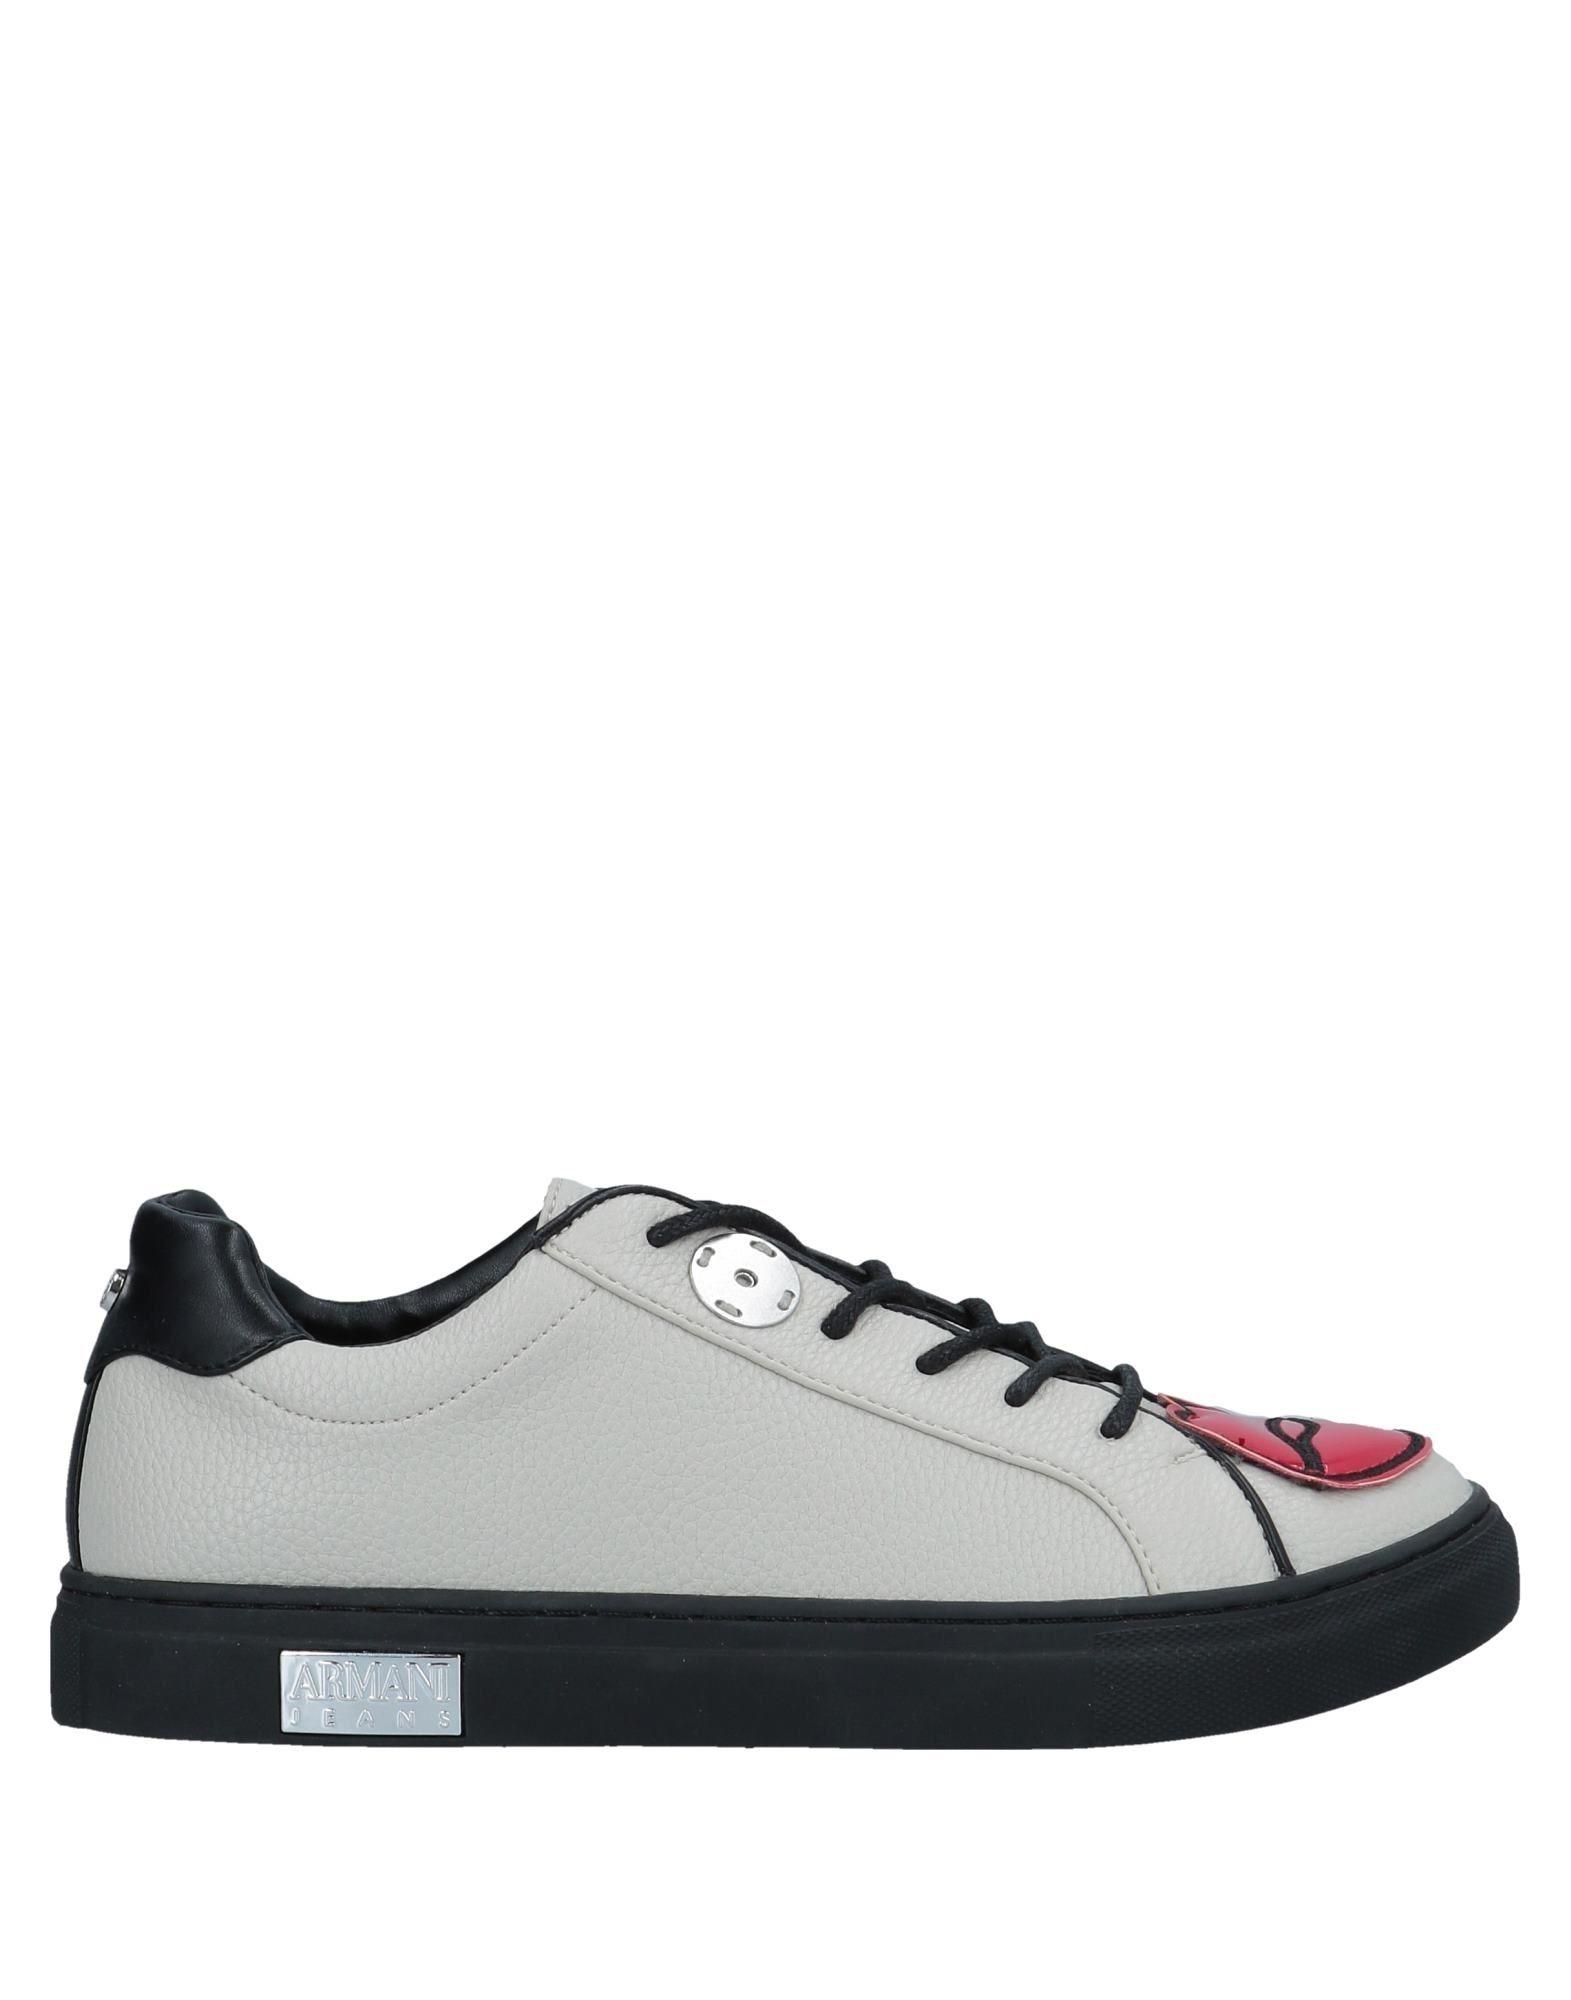 Stilvolle billige Sneakers Schuhe Armani Jeans Sneakers billige Damen  11550108AN 65b69d